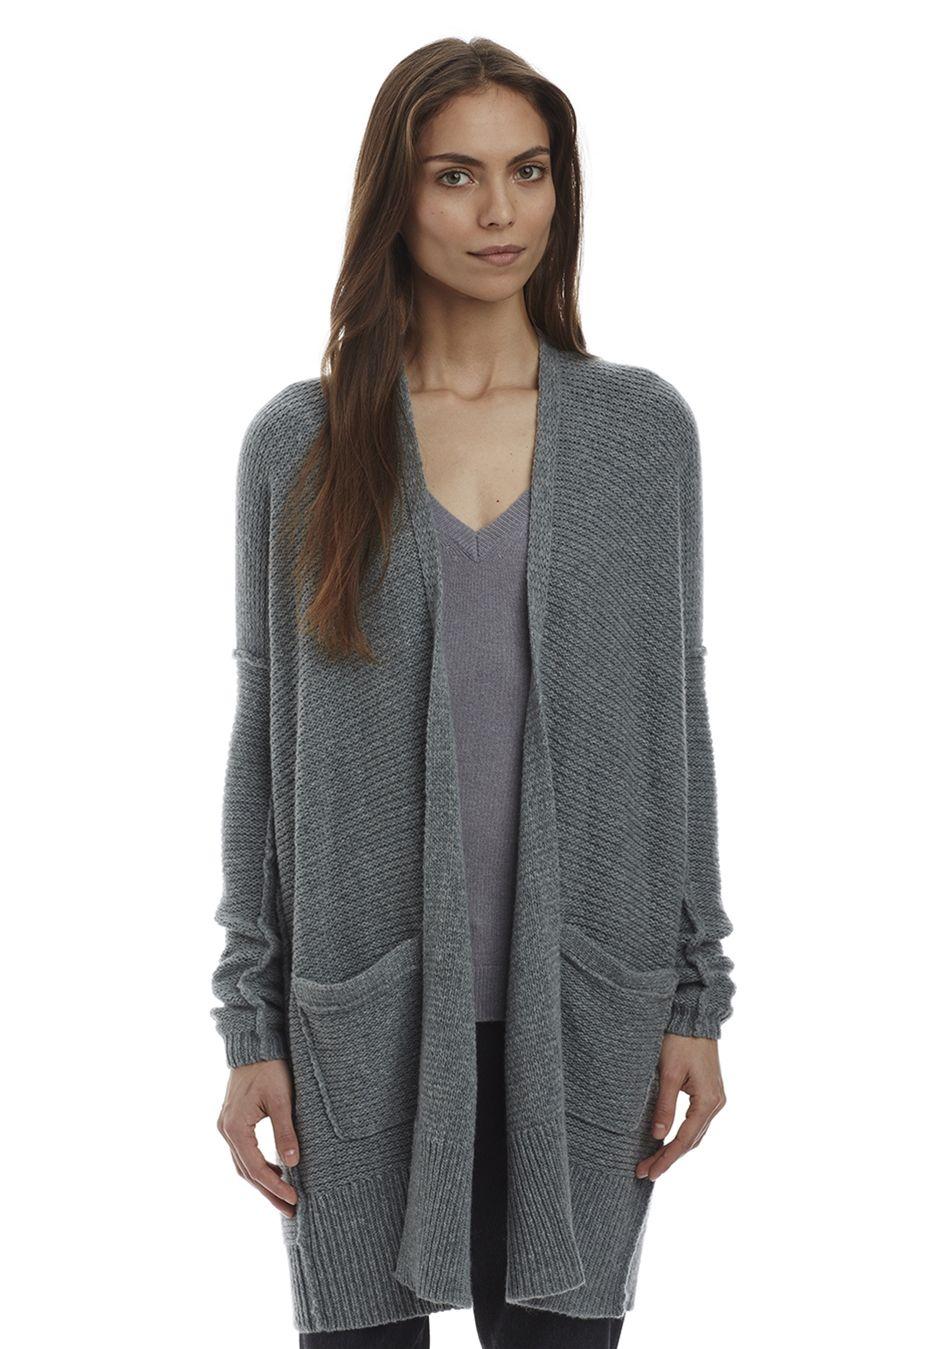 Cashmere Sweaters   Cashmere Sweater   Cashmere - INHABIT - Cashmere Chainette Cardi